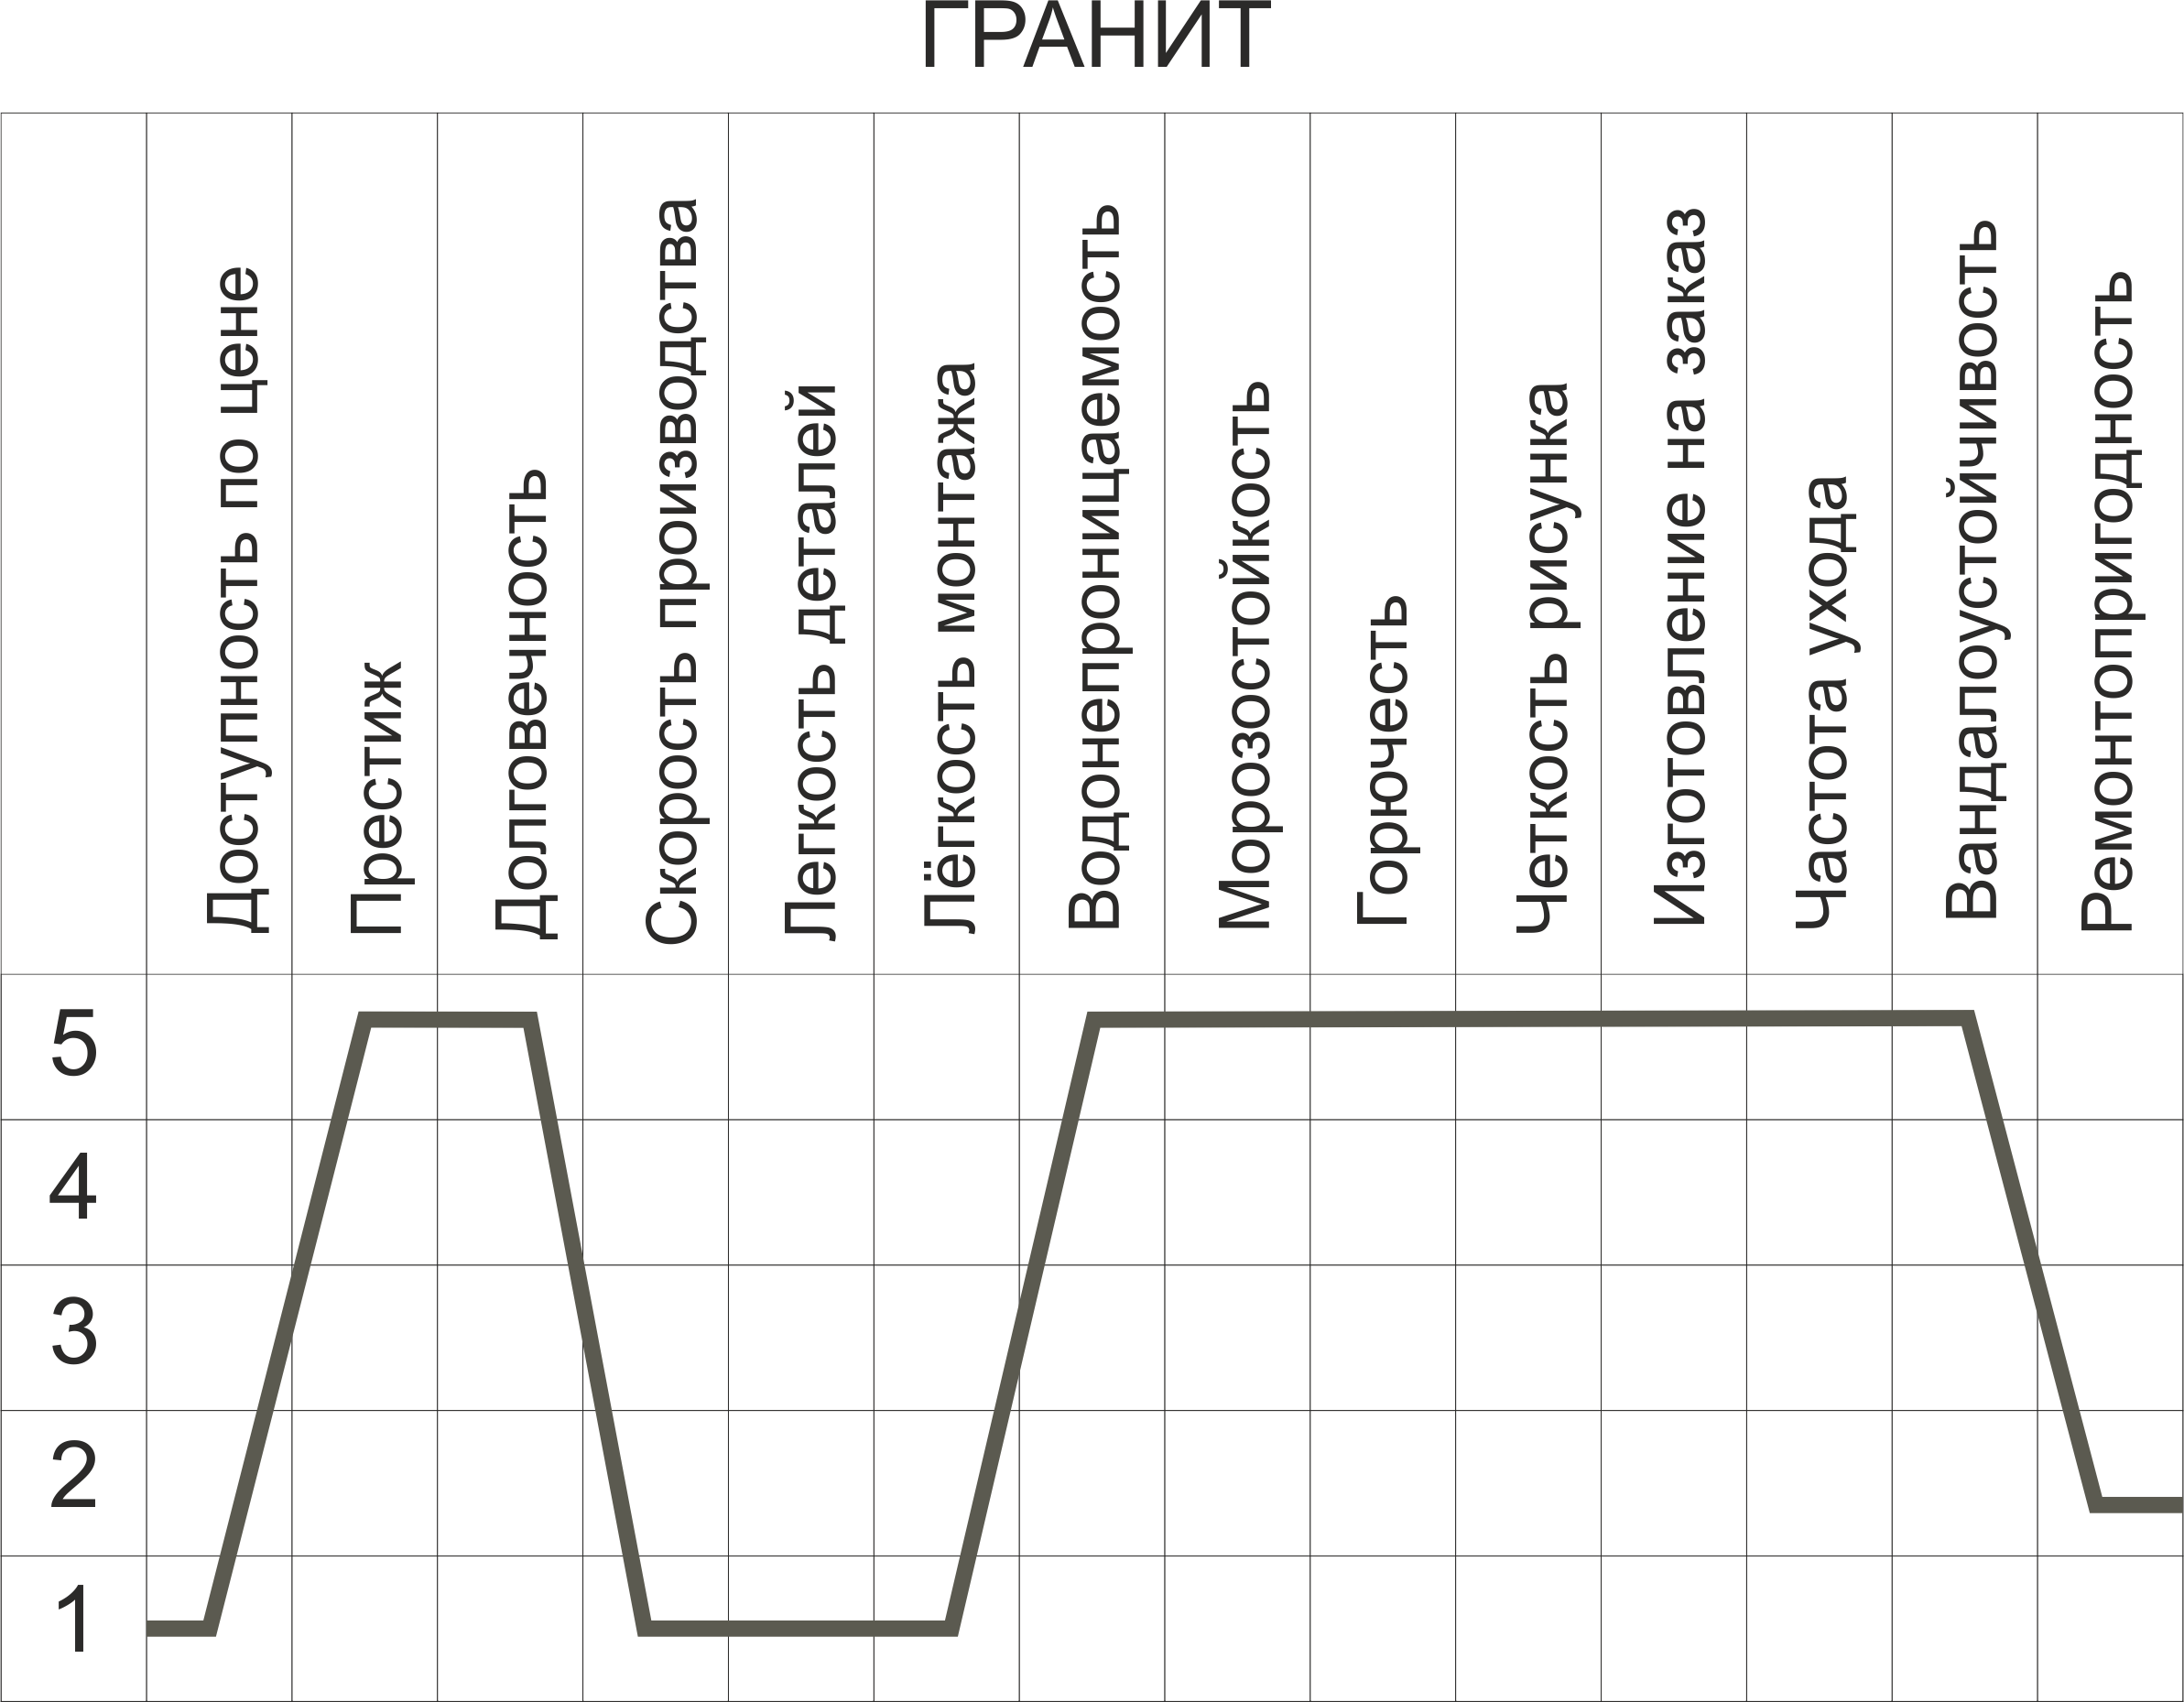 Гранит график свойств